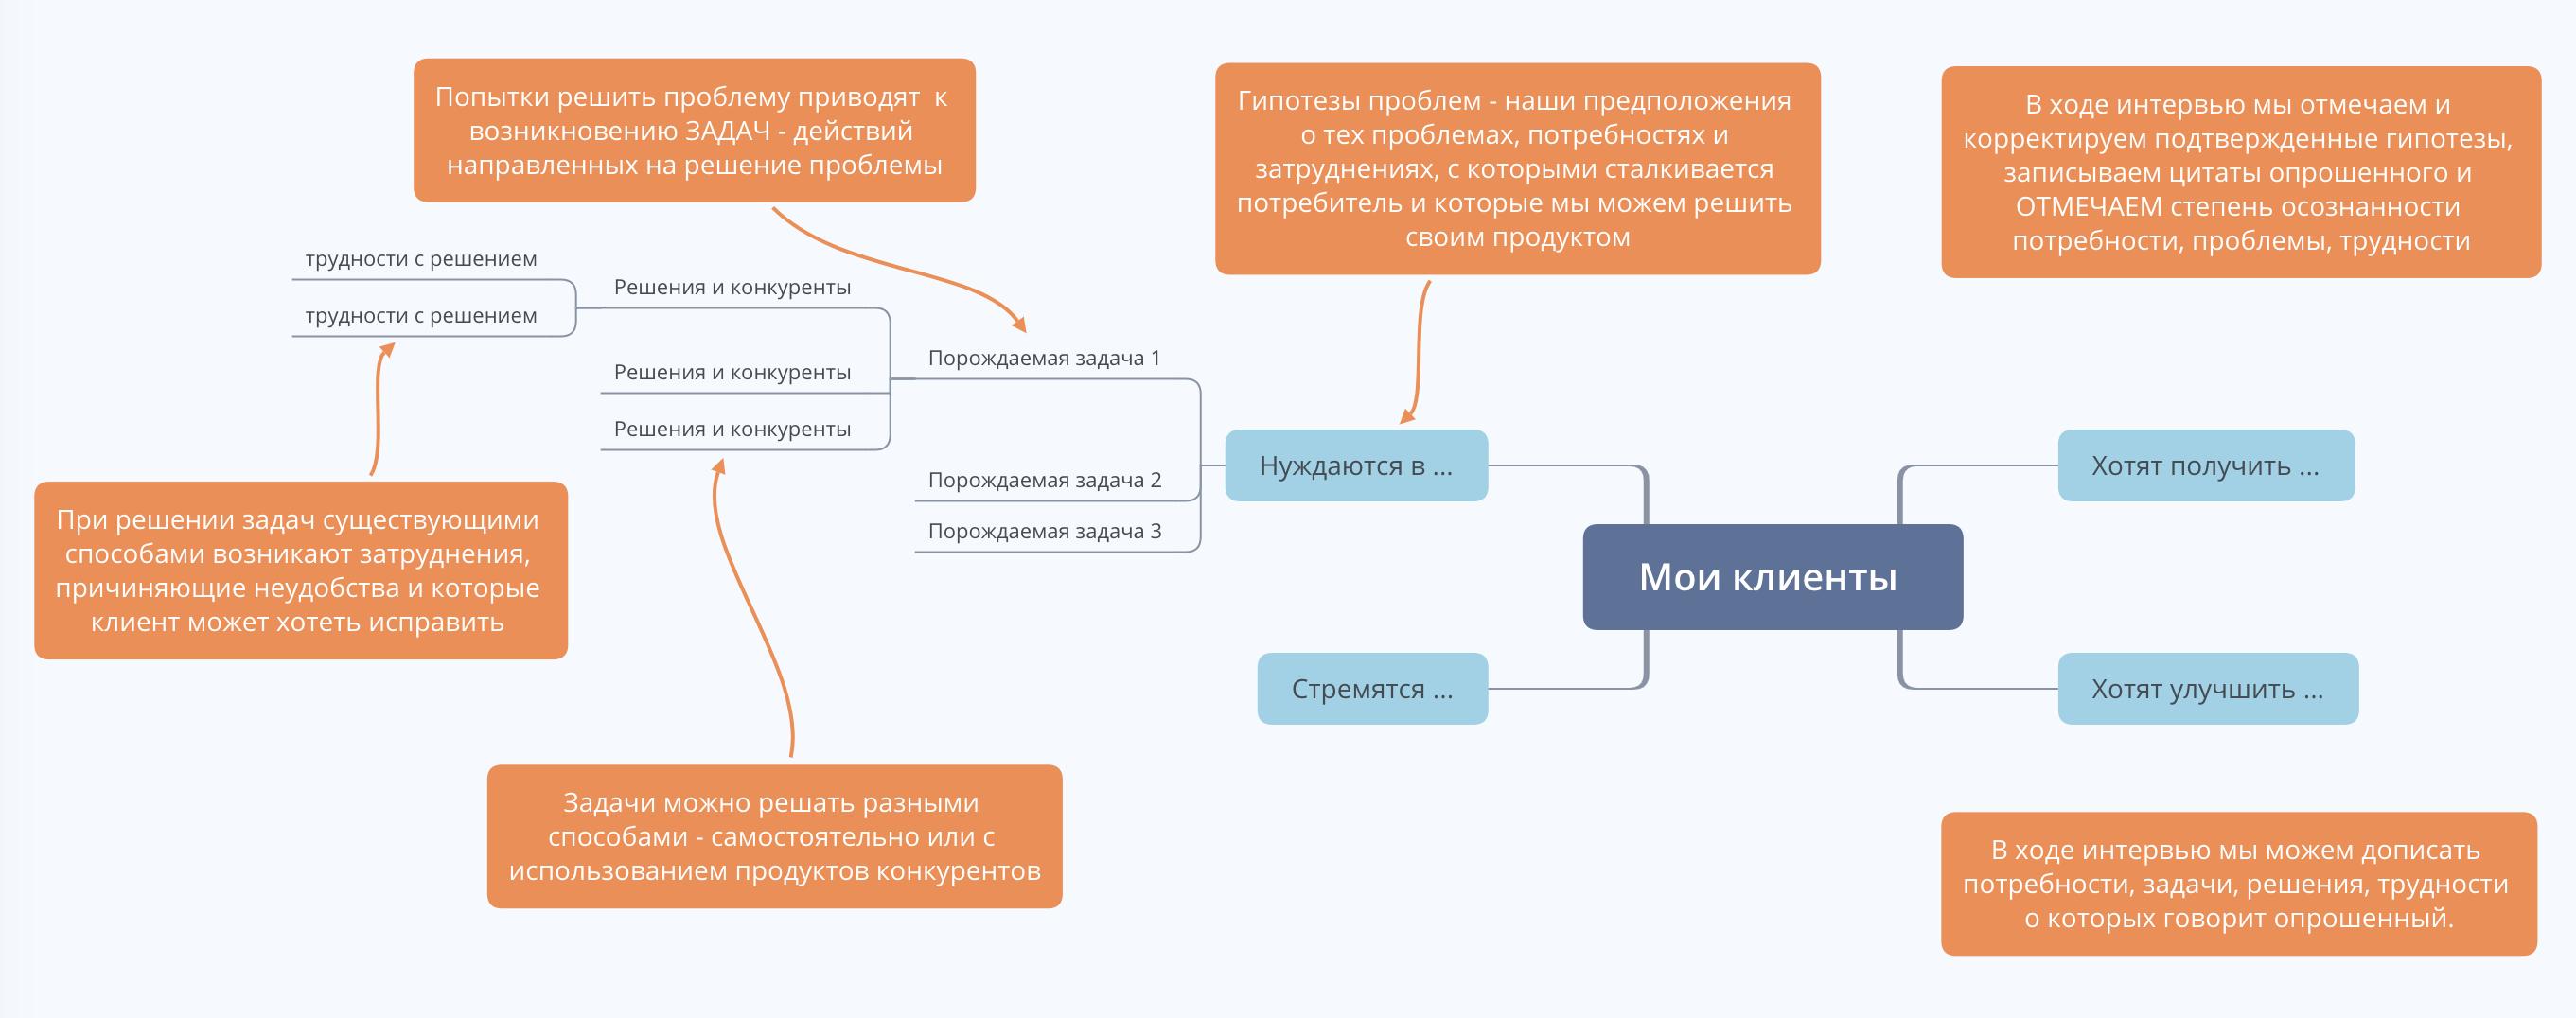 Как сгенерировать гипотезы о потребностях потенциальных потребителей вашего будущего продукта